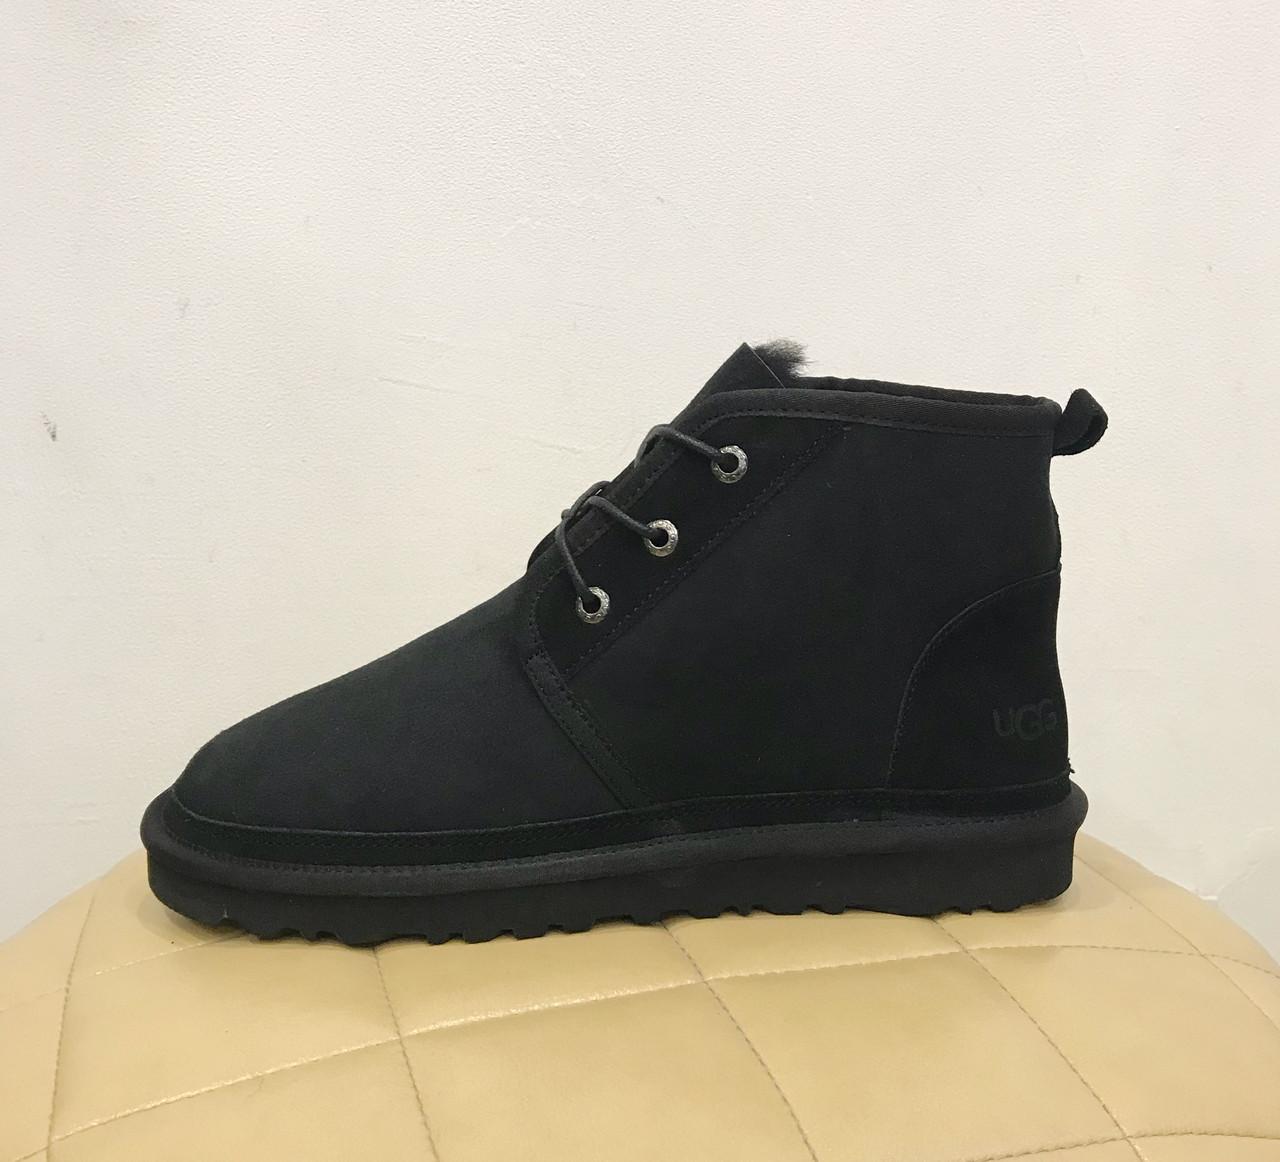 UGG Men's Neumel - Classik Black Угги мужские на шнурках черные замшевые